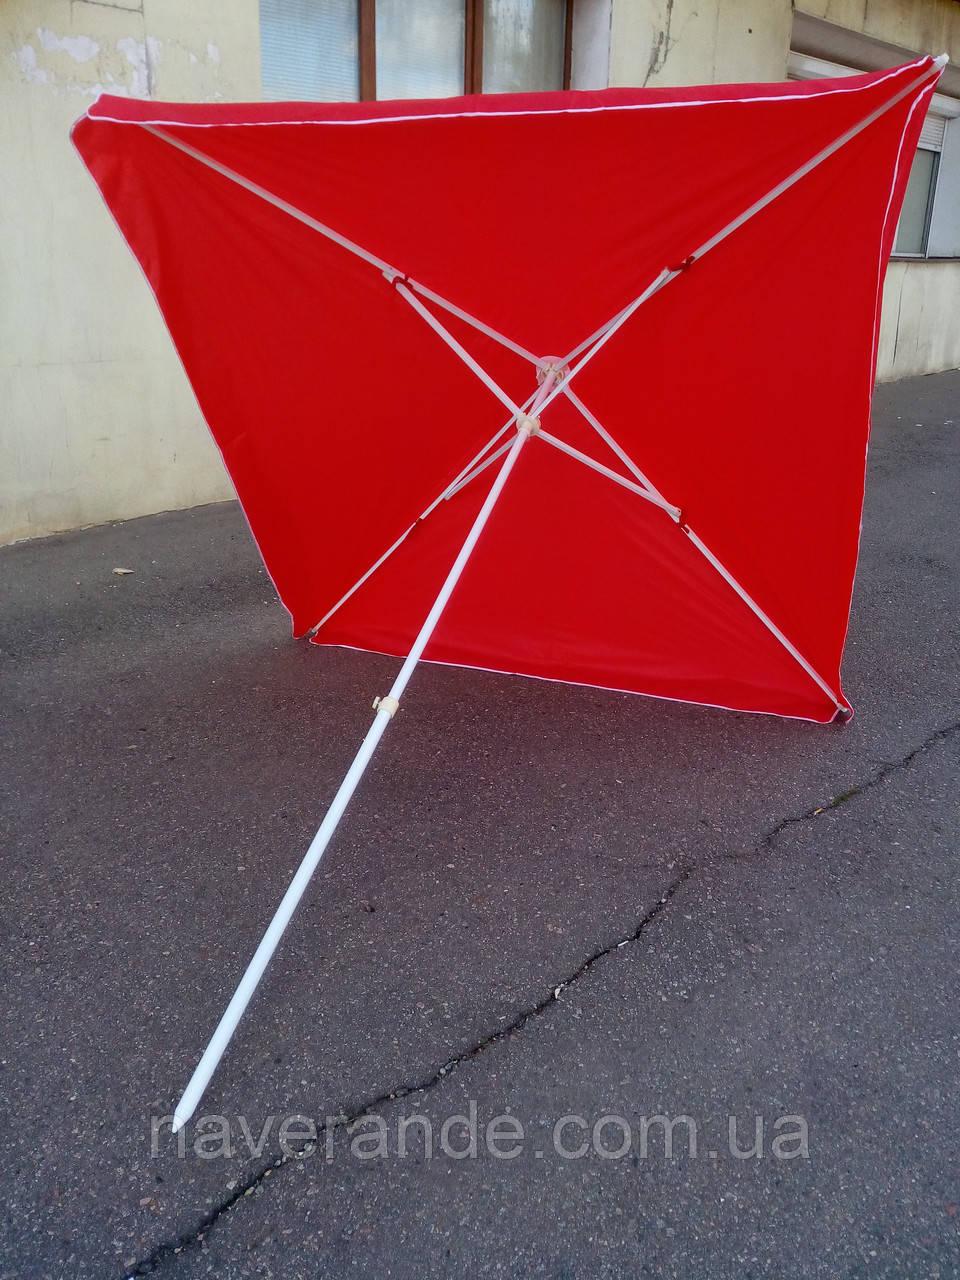 Квадратный пляжный зонт от солнца (красный 2,5х2,5 м), фото 1